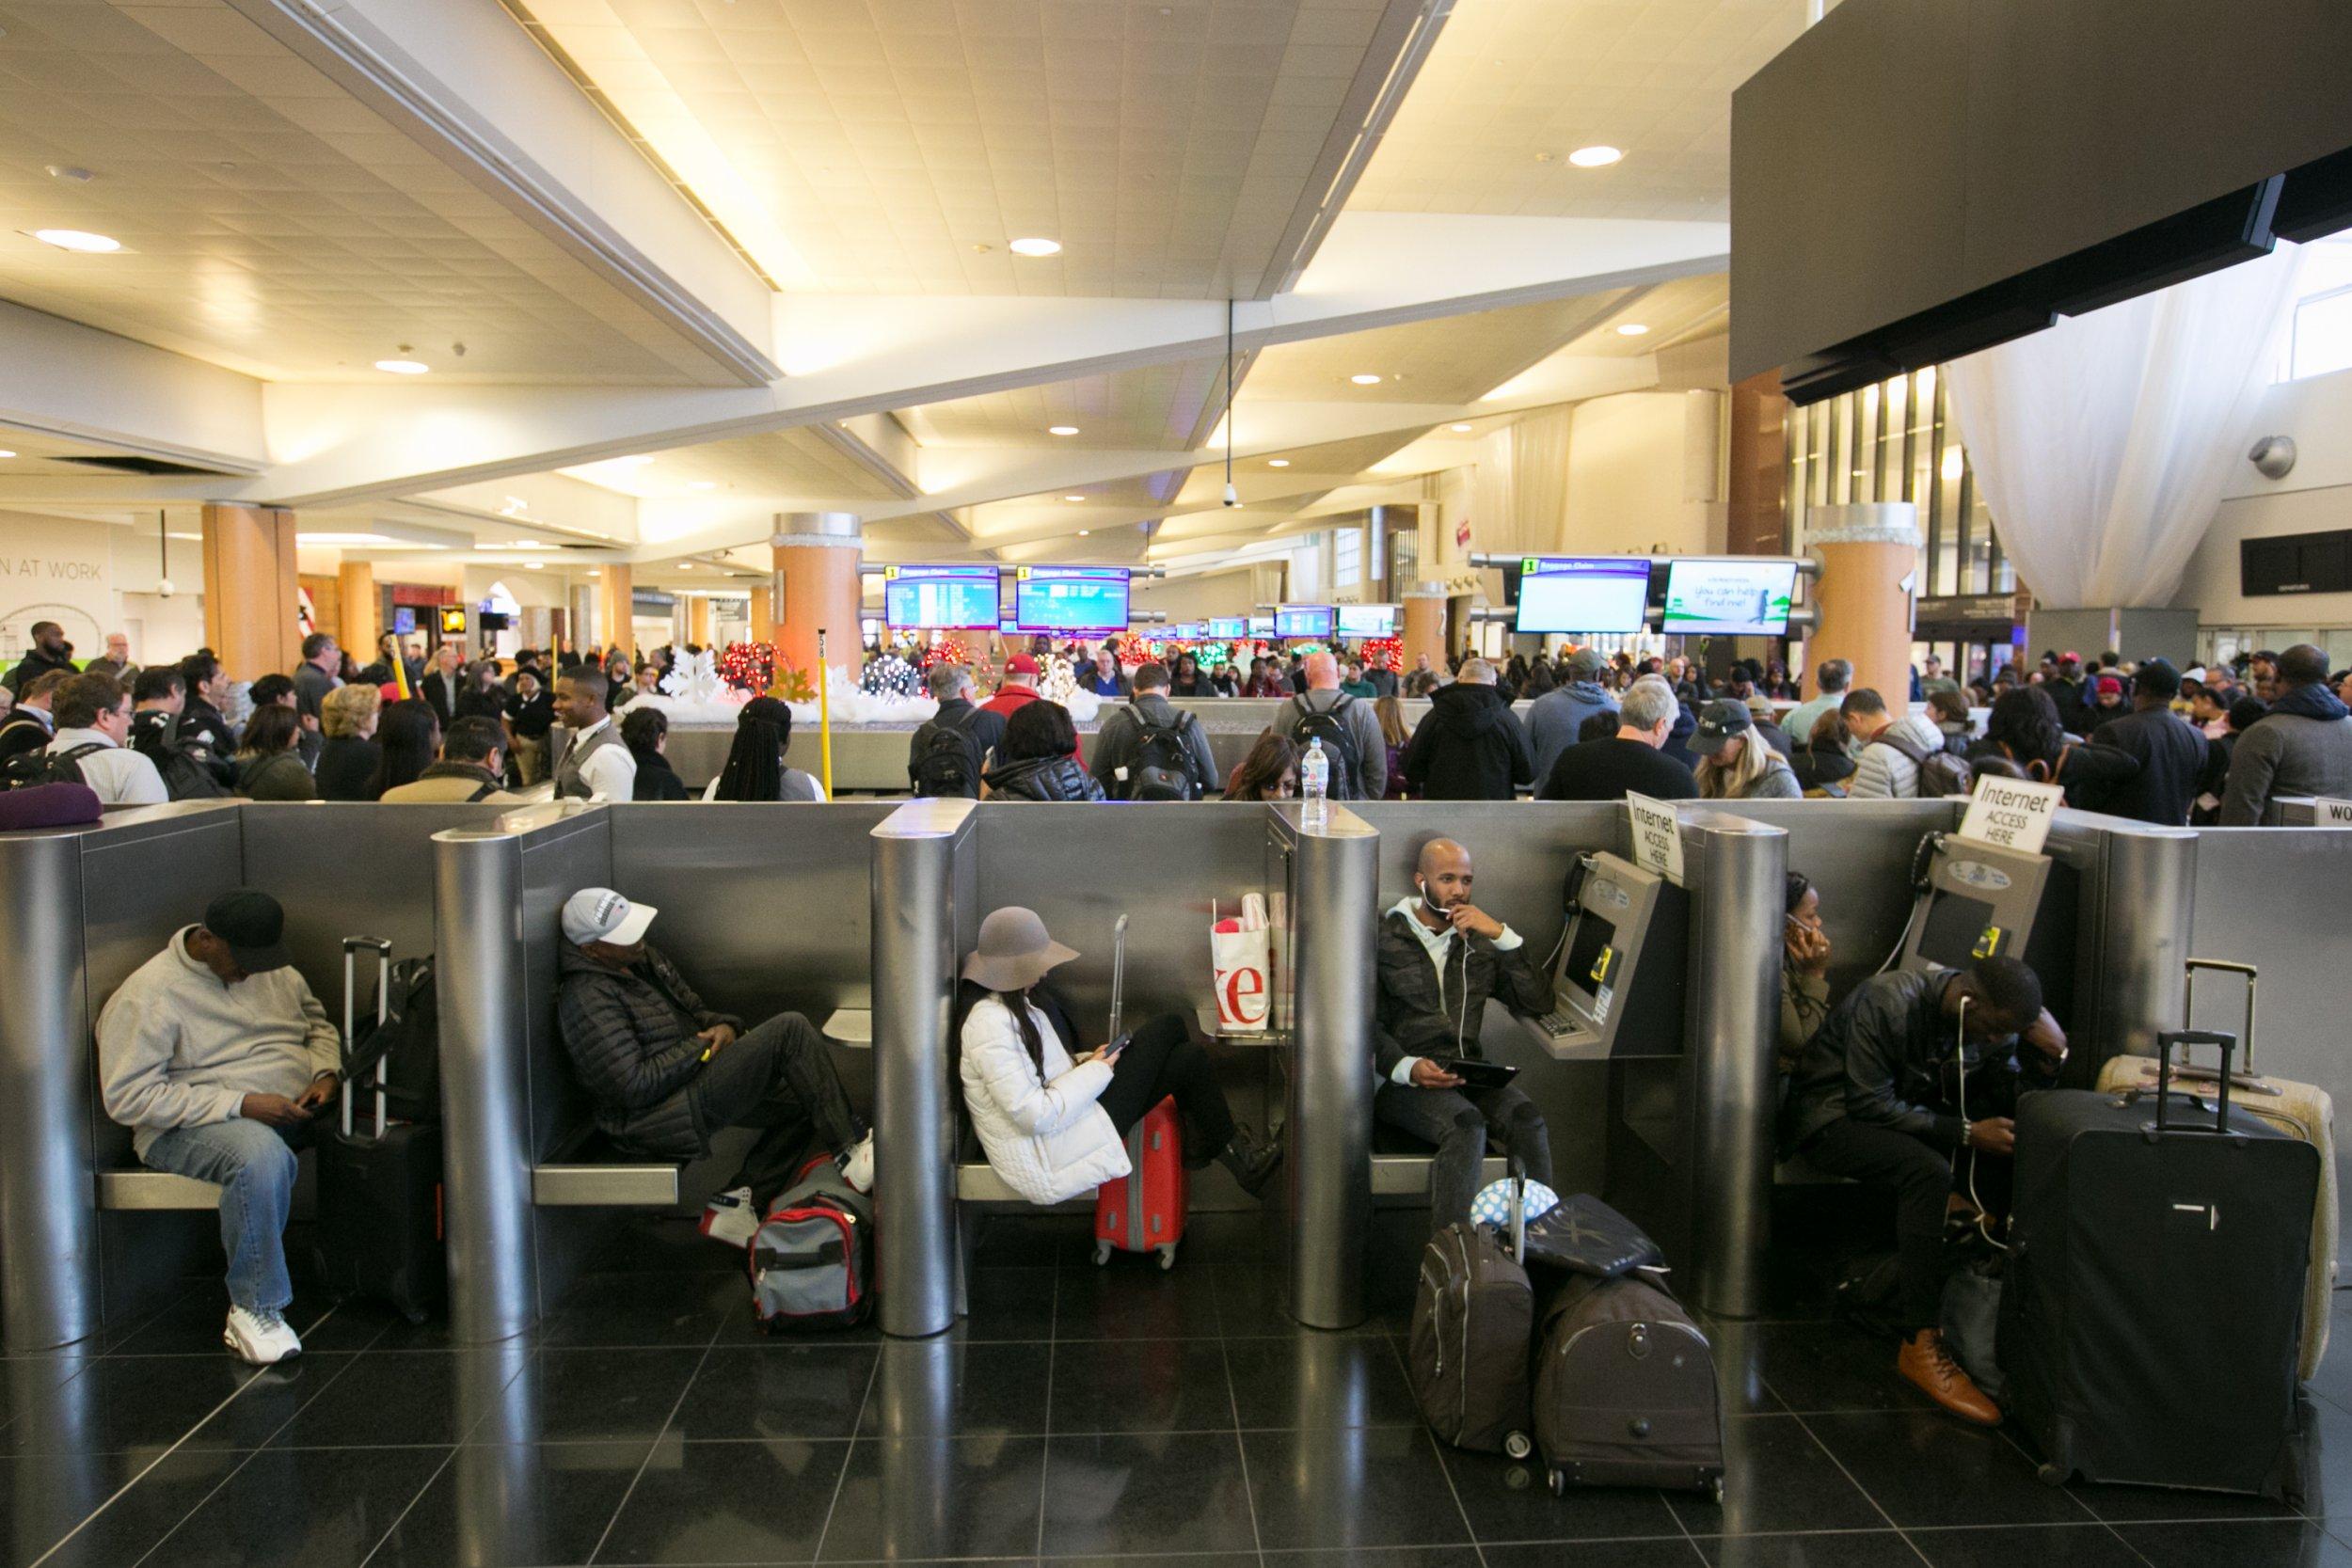 01_02_18_airport atlanta